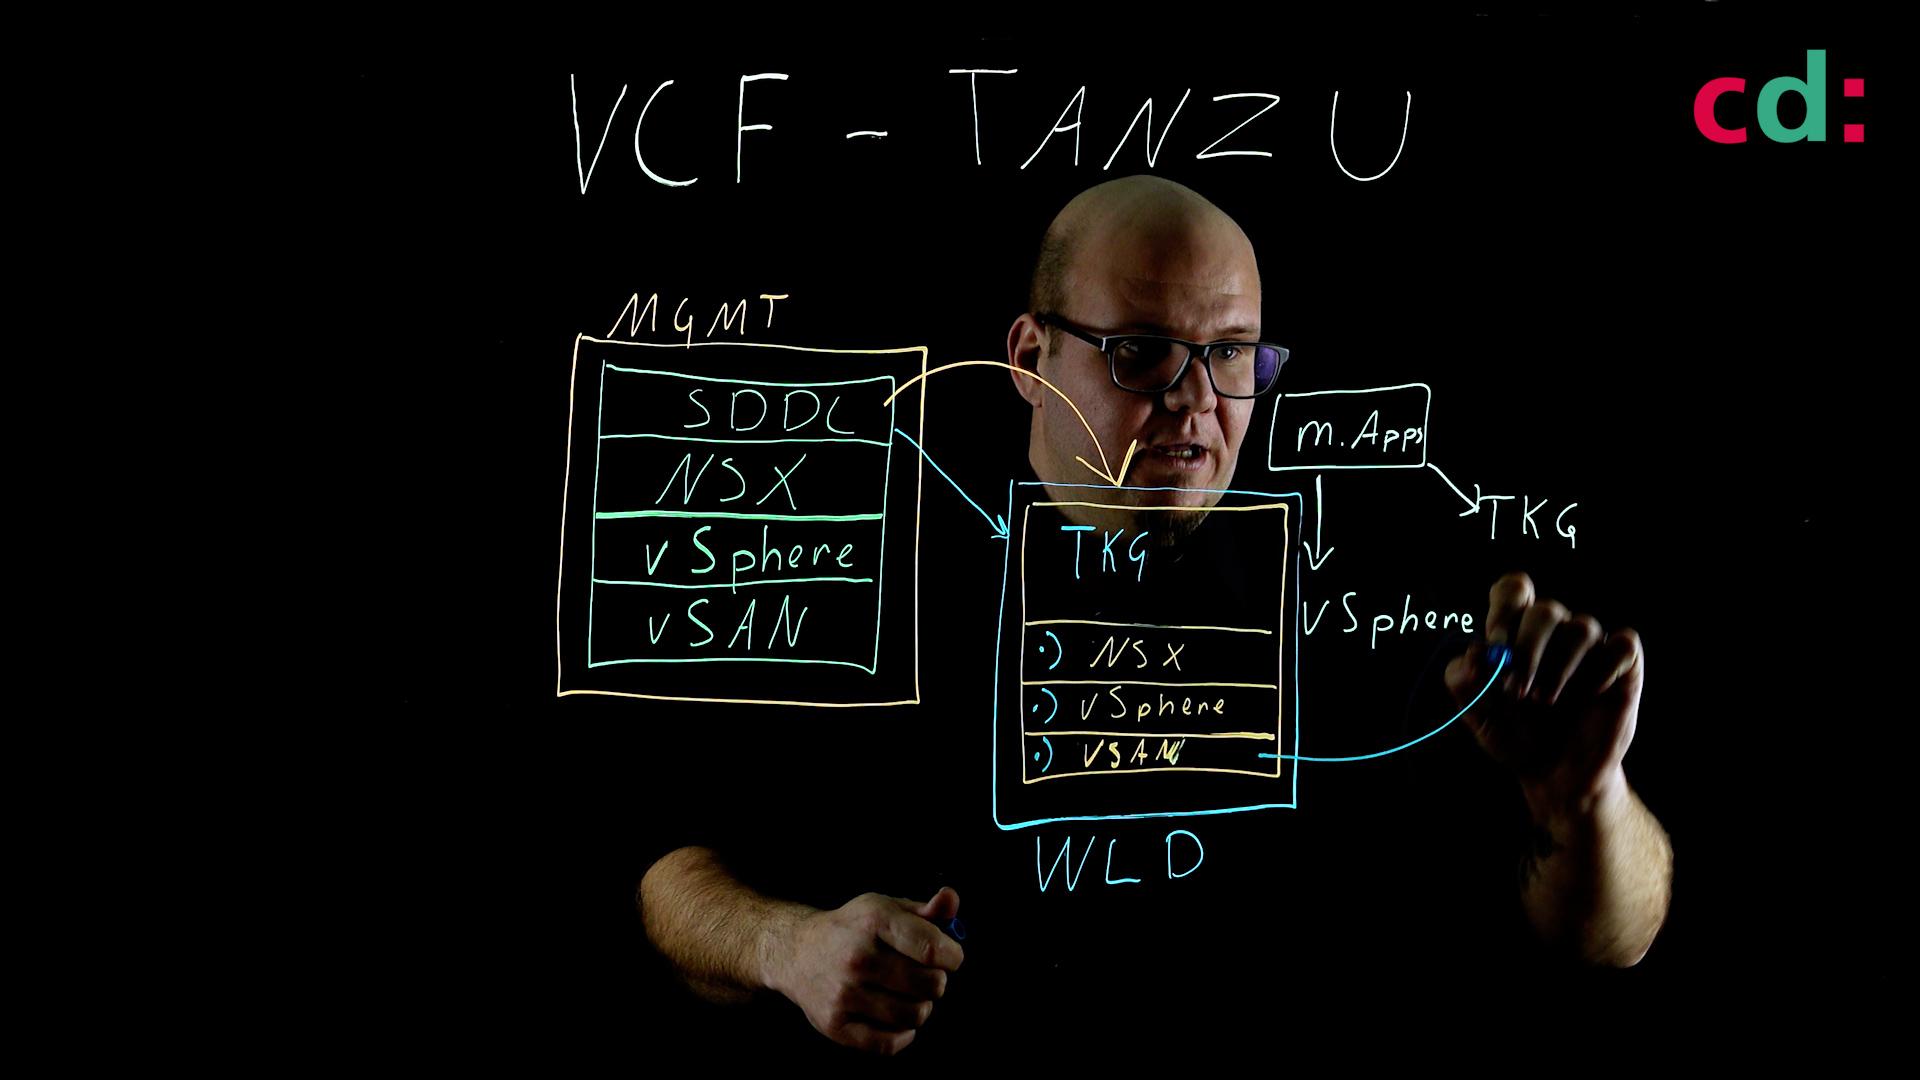 VCF - Tanzu, wofür brauche ich VCF?